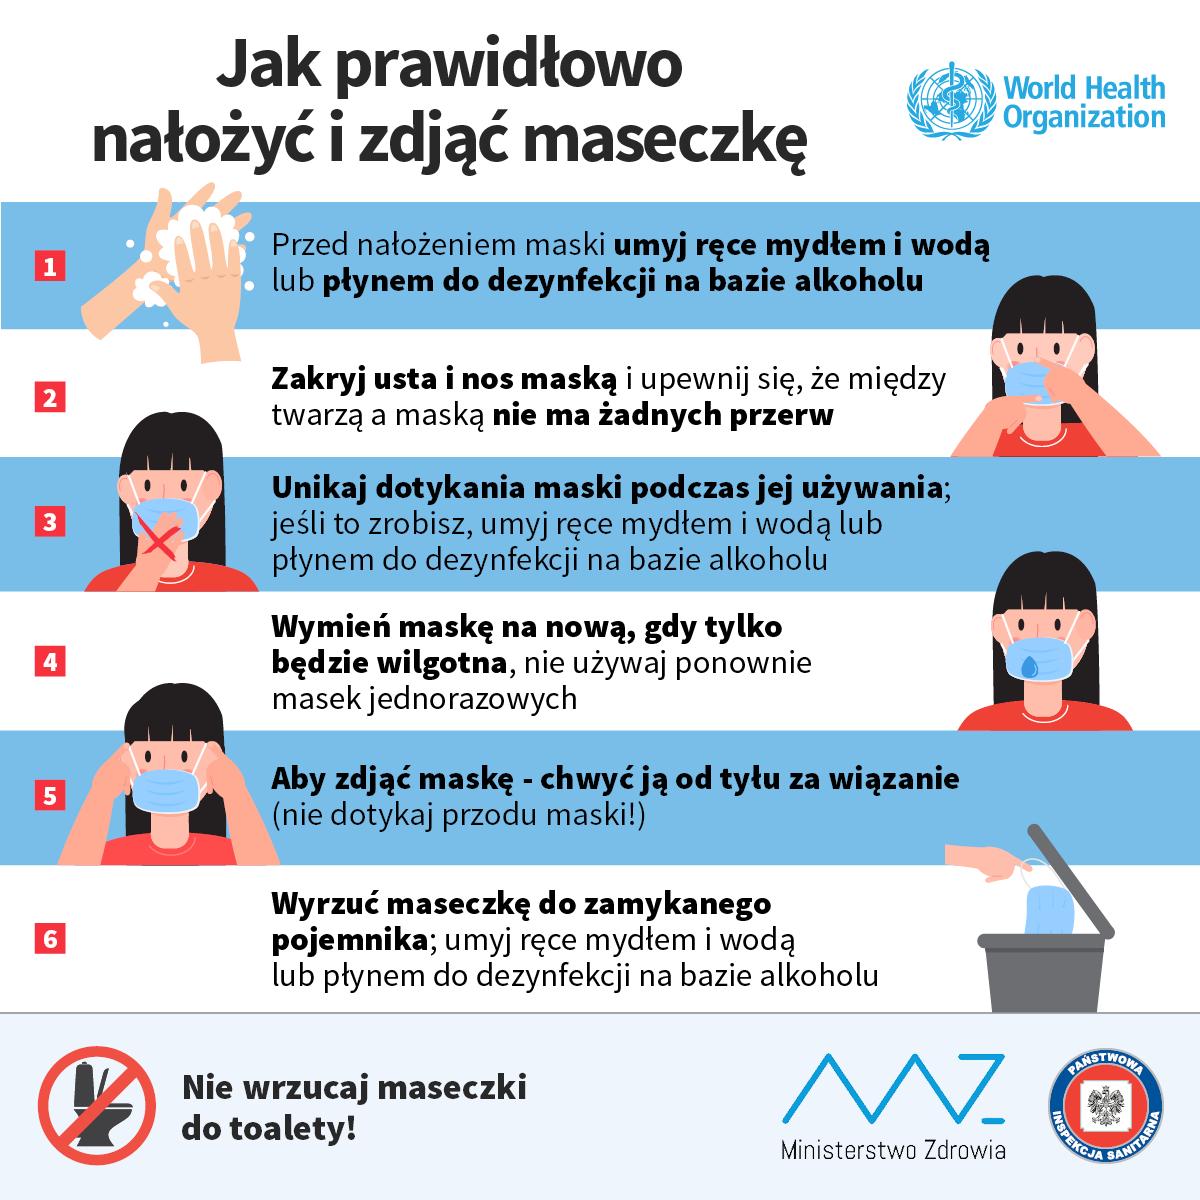 Jak_prawidłowo_nałozyć_i_zdjąć_maseczkę.png